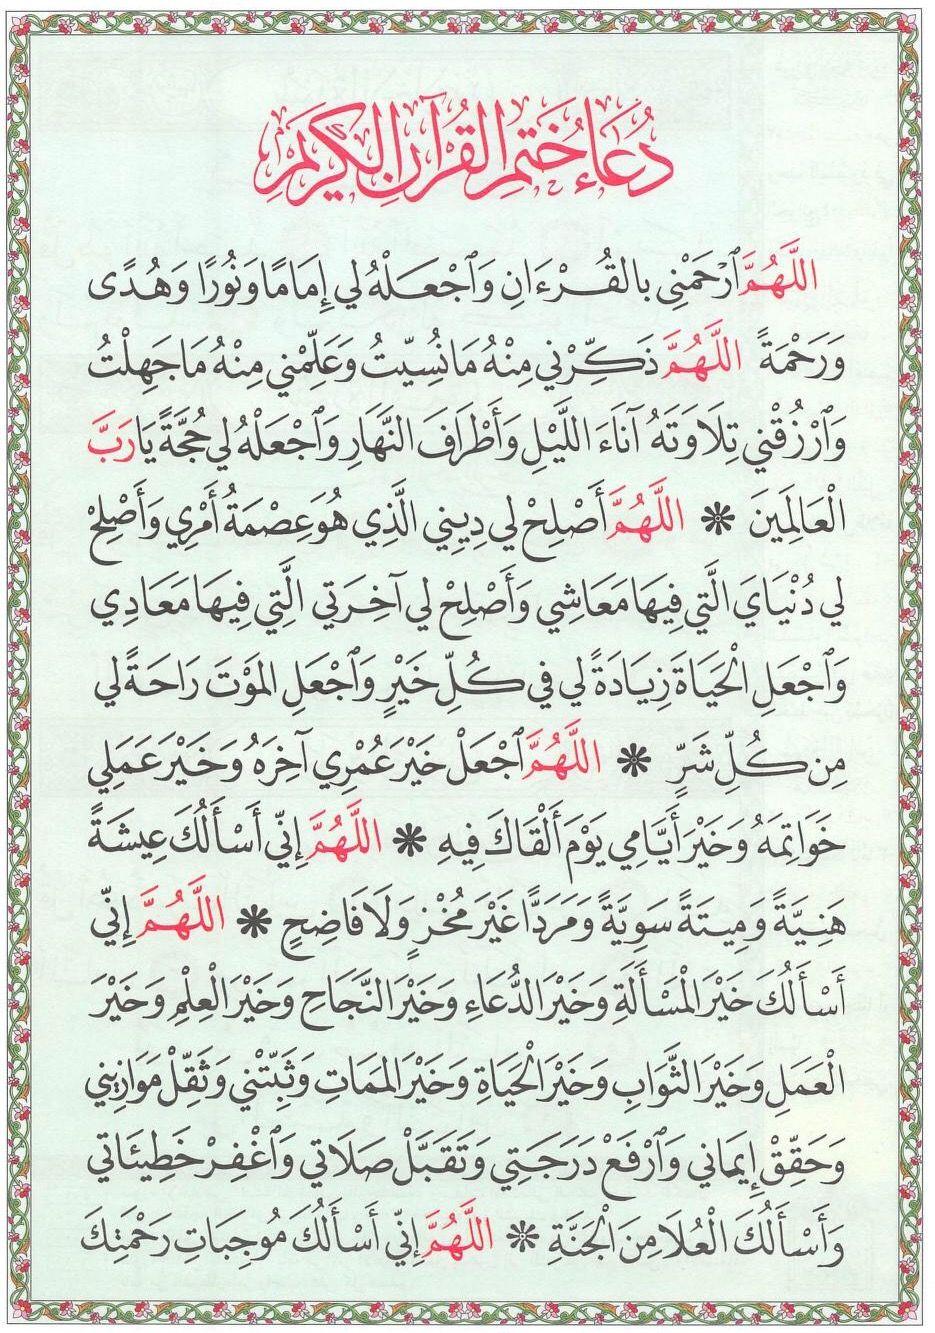 صورة دعاء ختم القران , ادعيه ختم القران الكريم